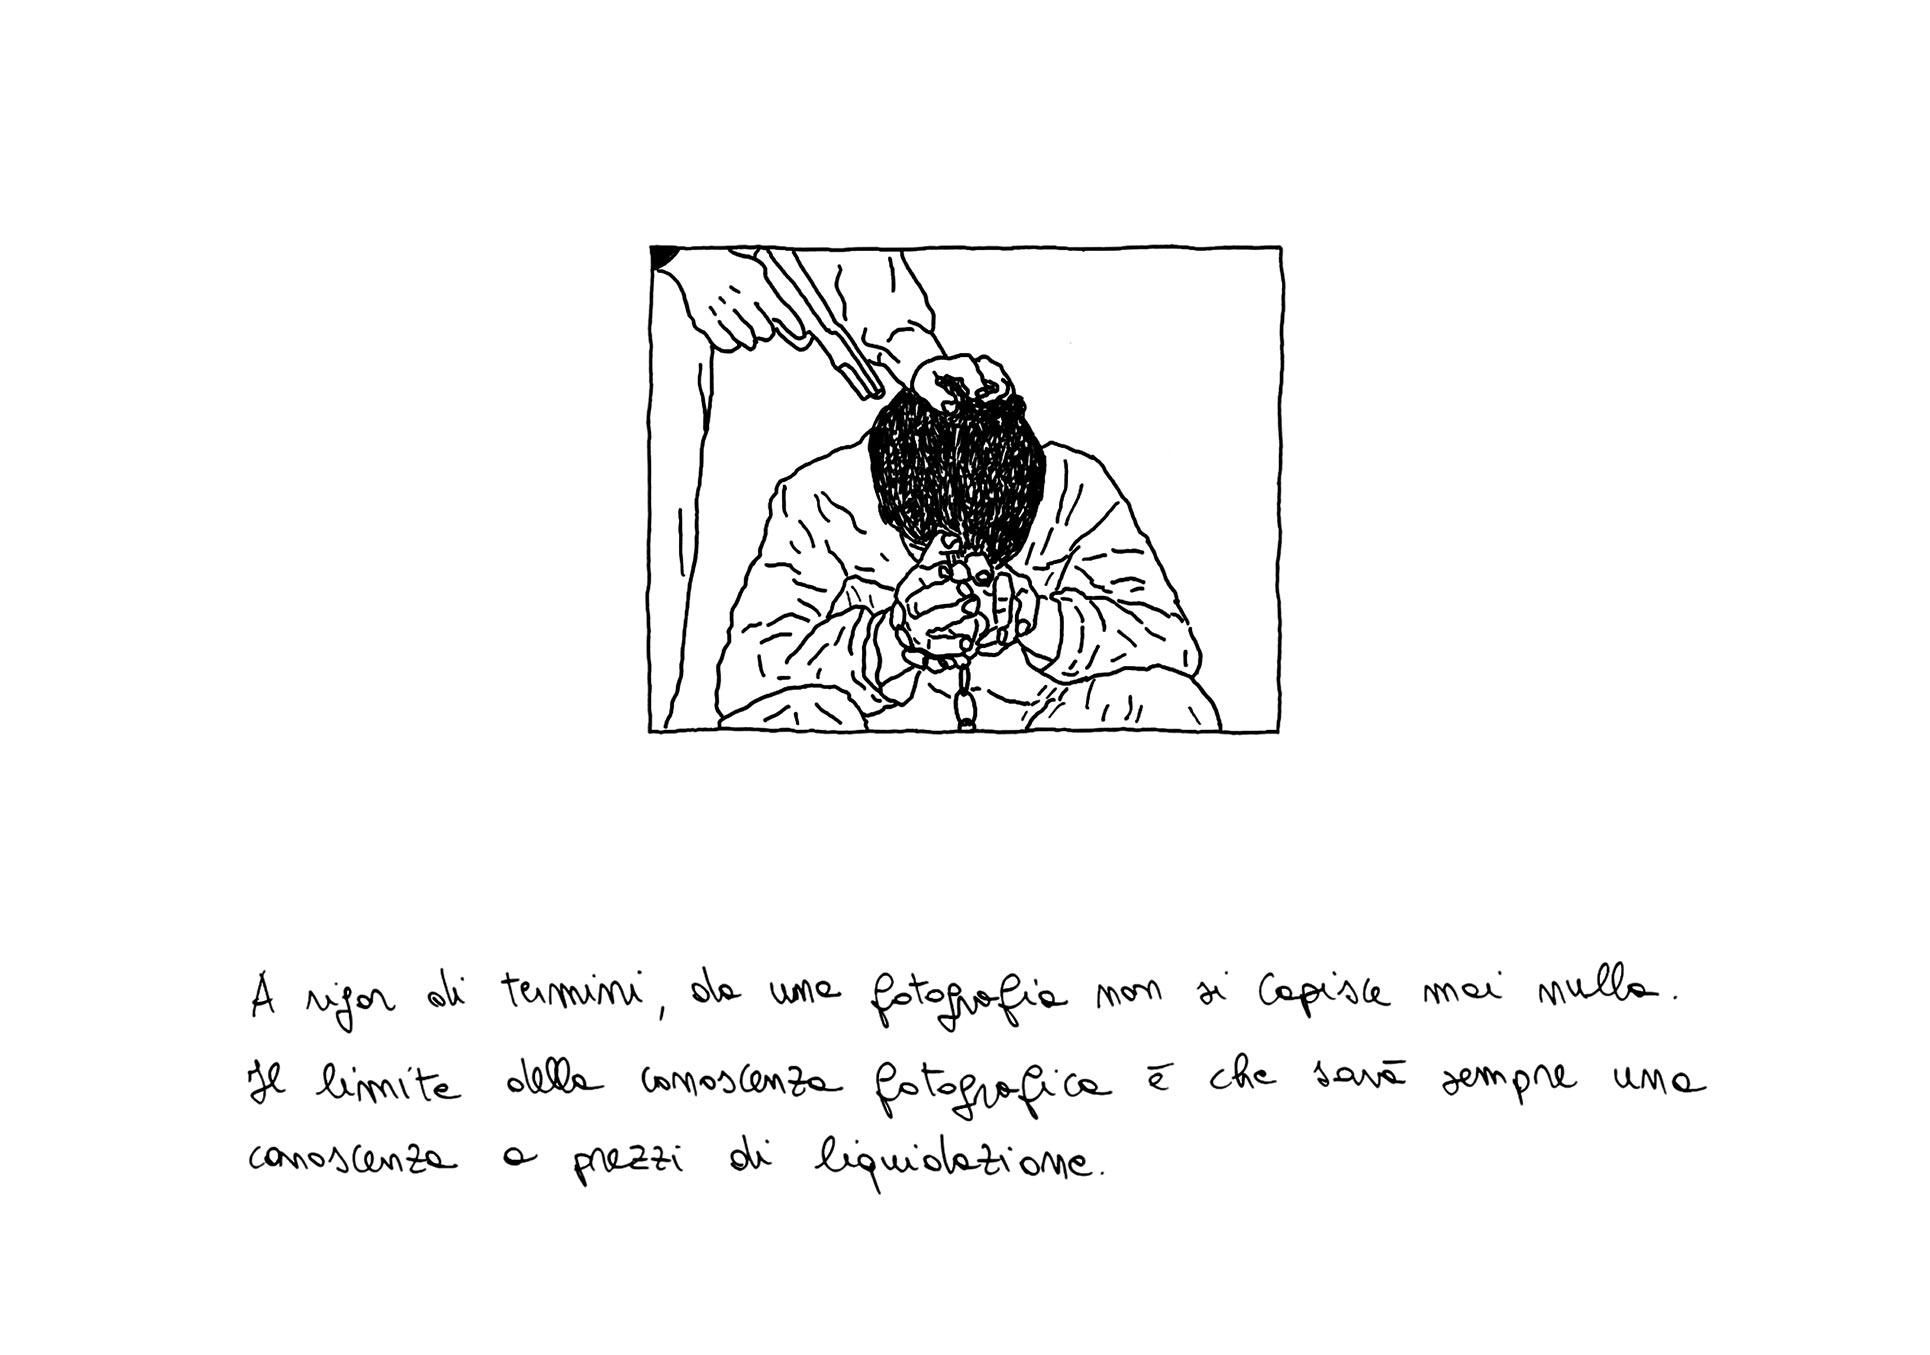 Cesare Viel, Diario contemporaneo, 2004